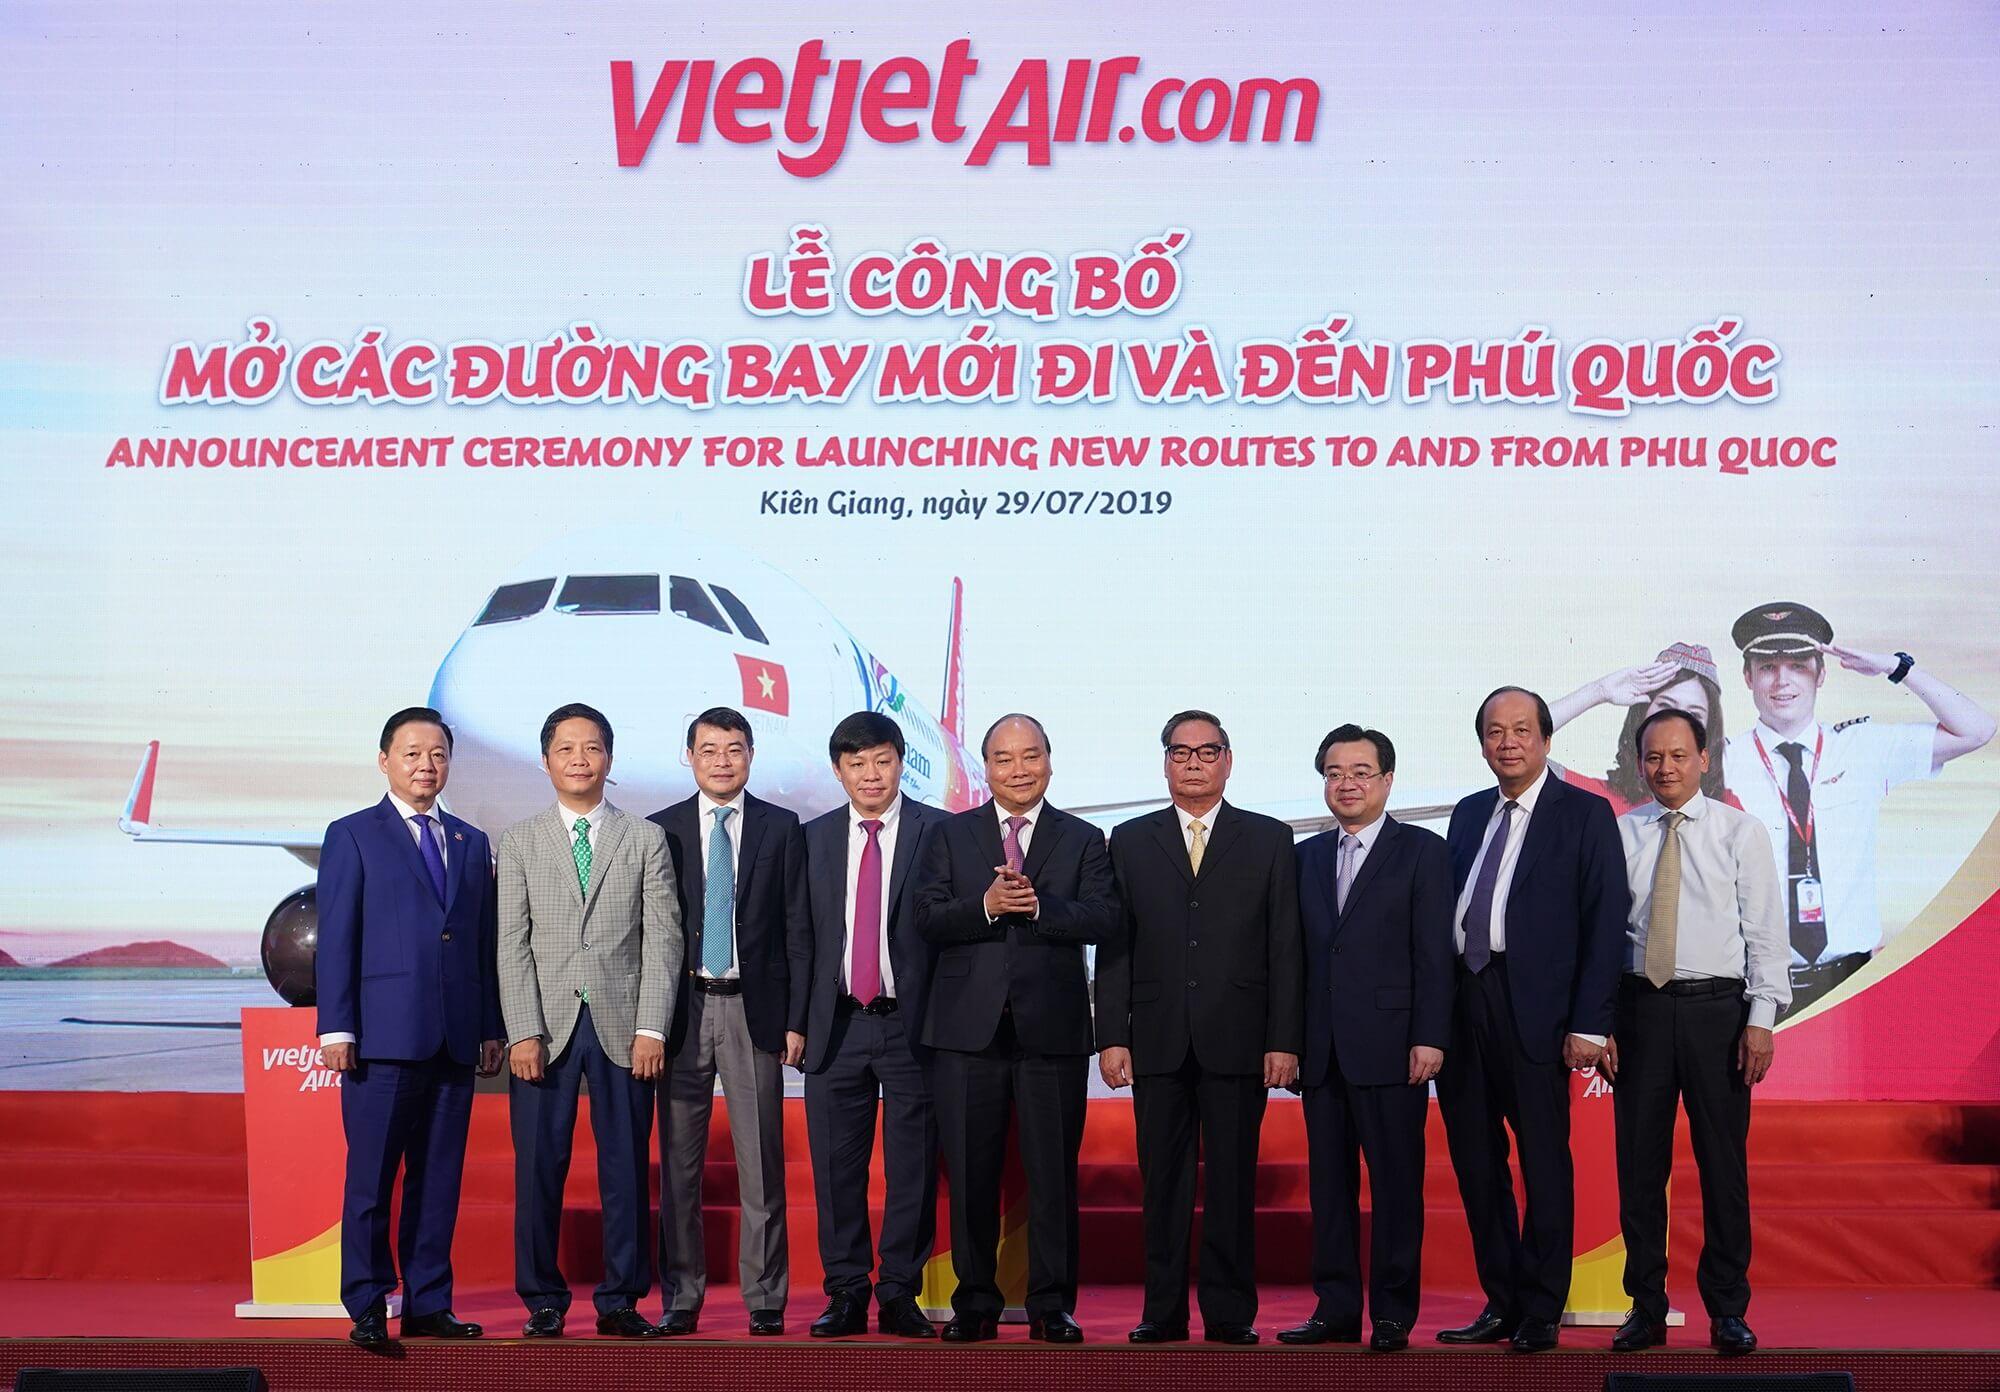 Vietjet rrit frekuencat e fluturimit në ishullin Phu Quoc